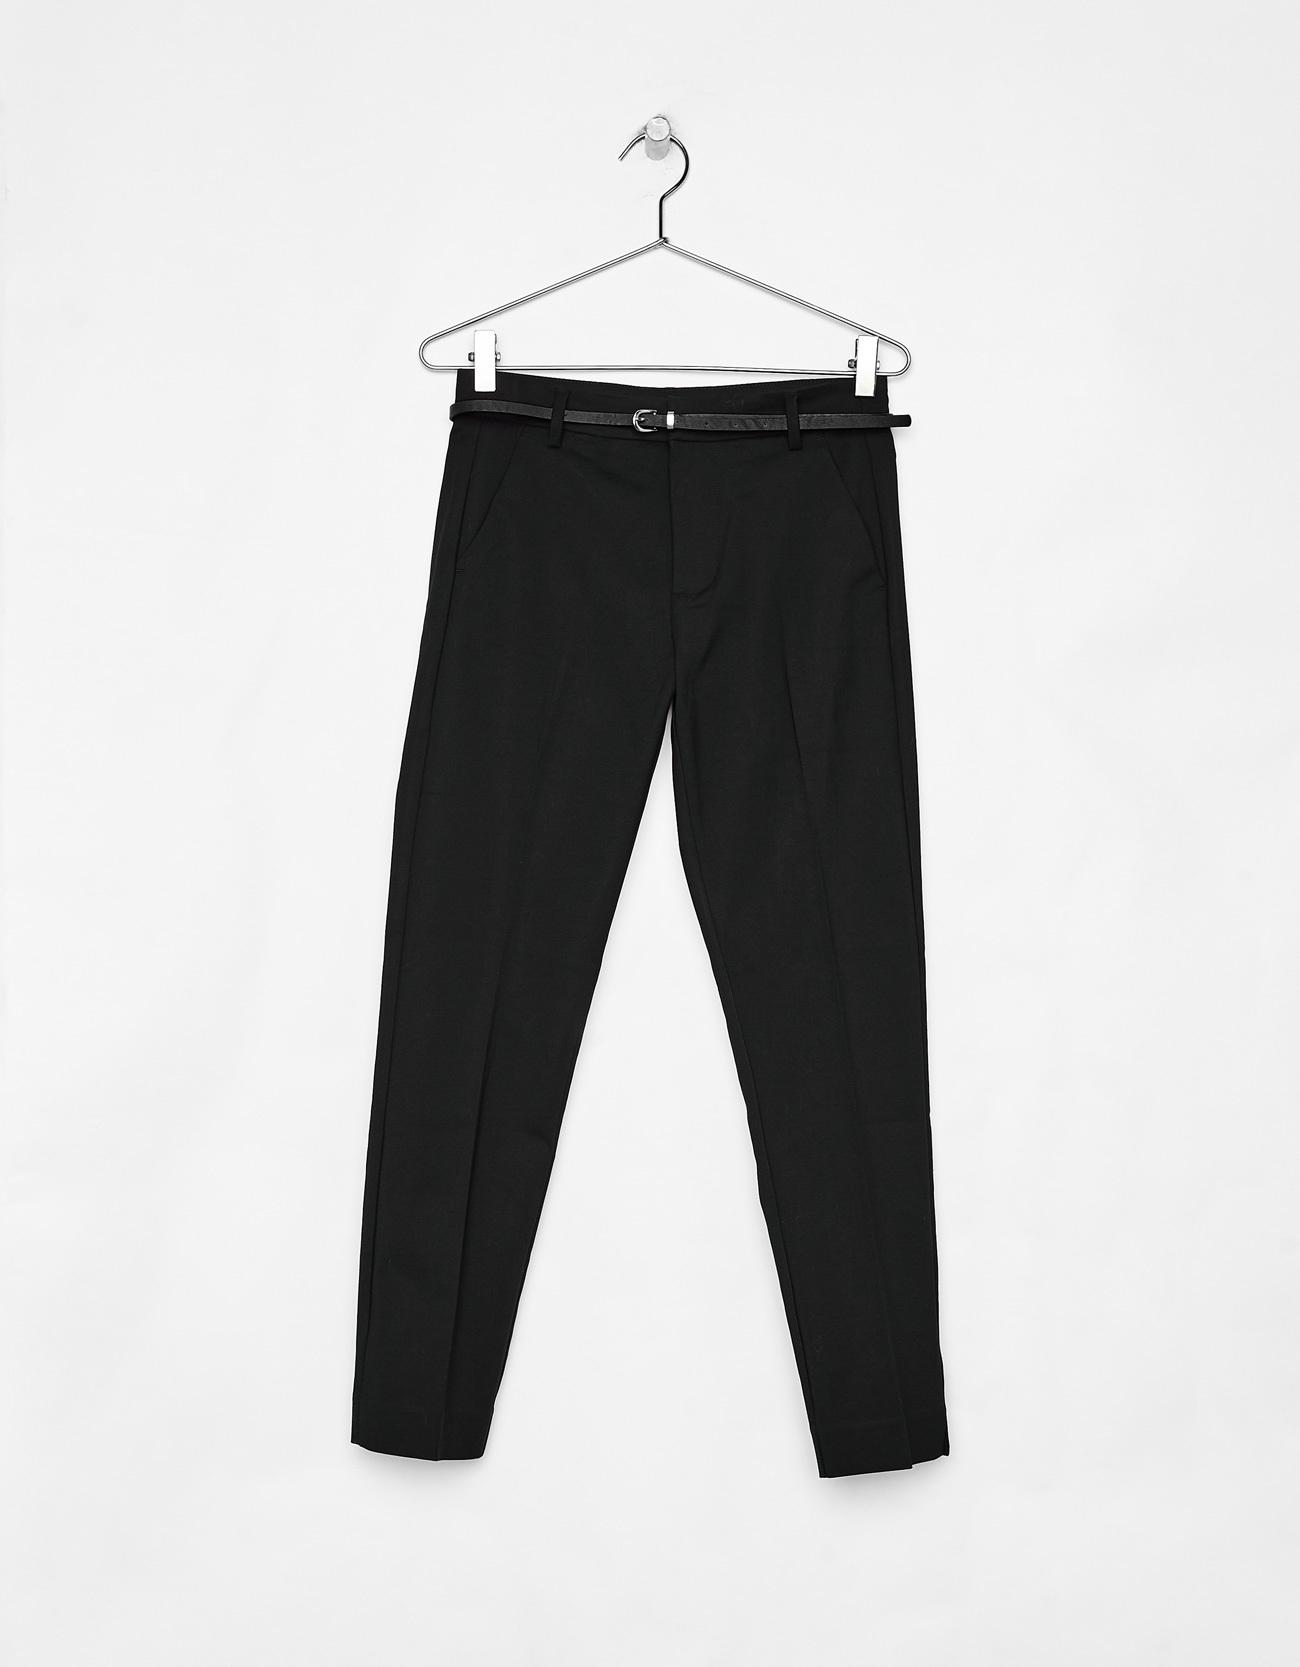 Pantalón negro de Pull&Bear (19,99 euros)